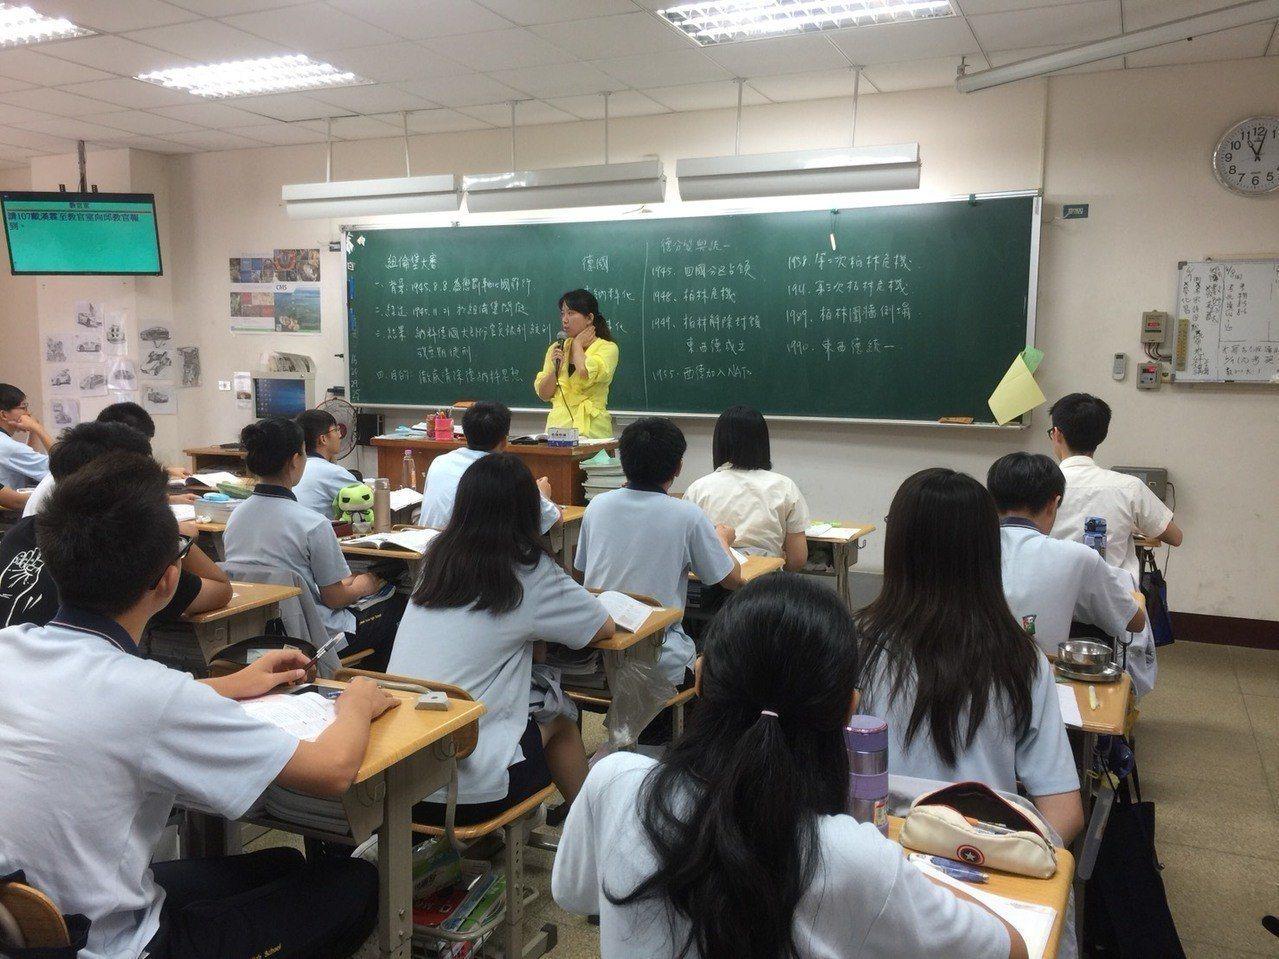 教育部上月發布新修正「高級中等學校每週教學節數標準」,桃園市府宣布9月起比照辦理...